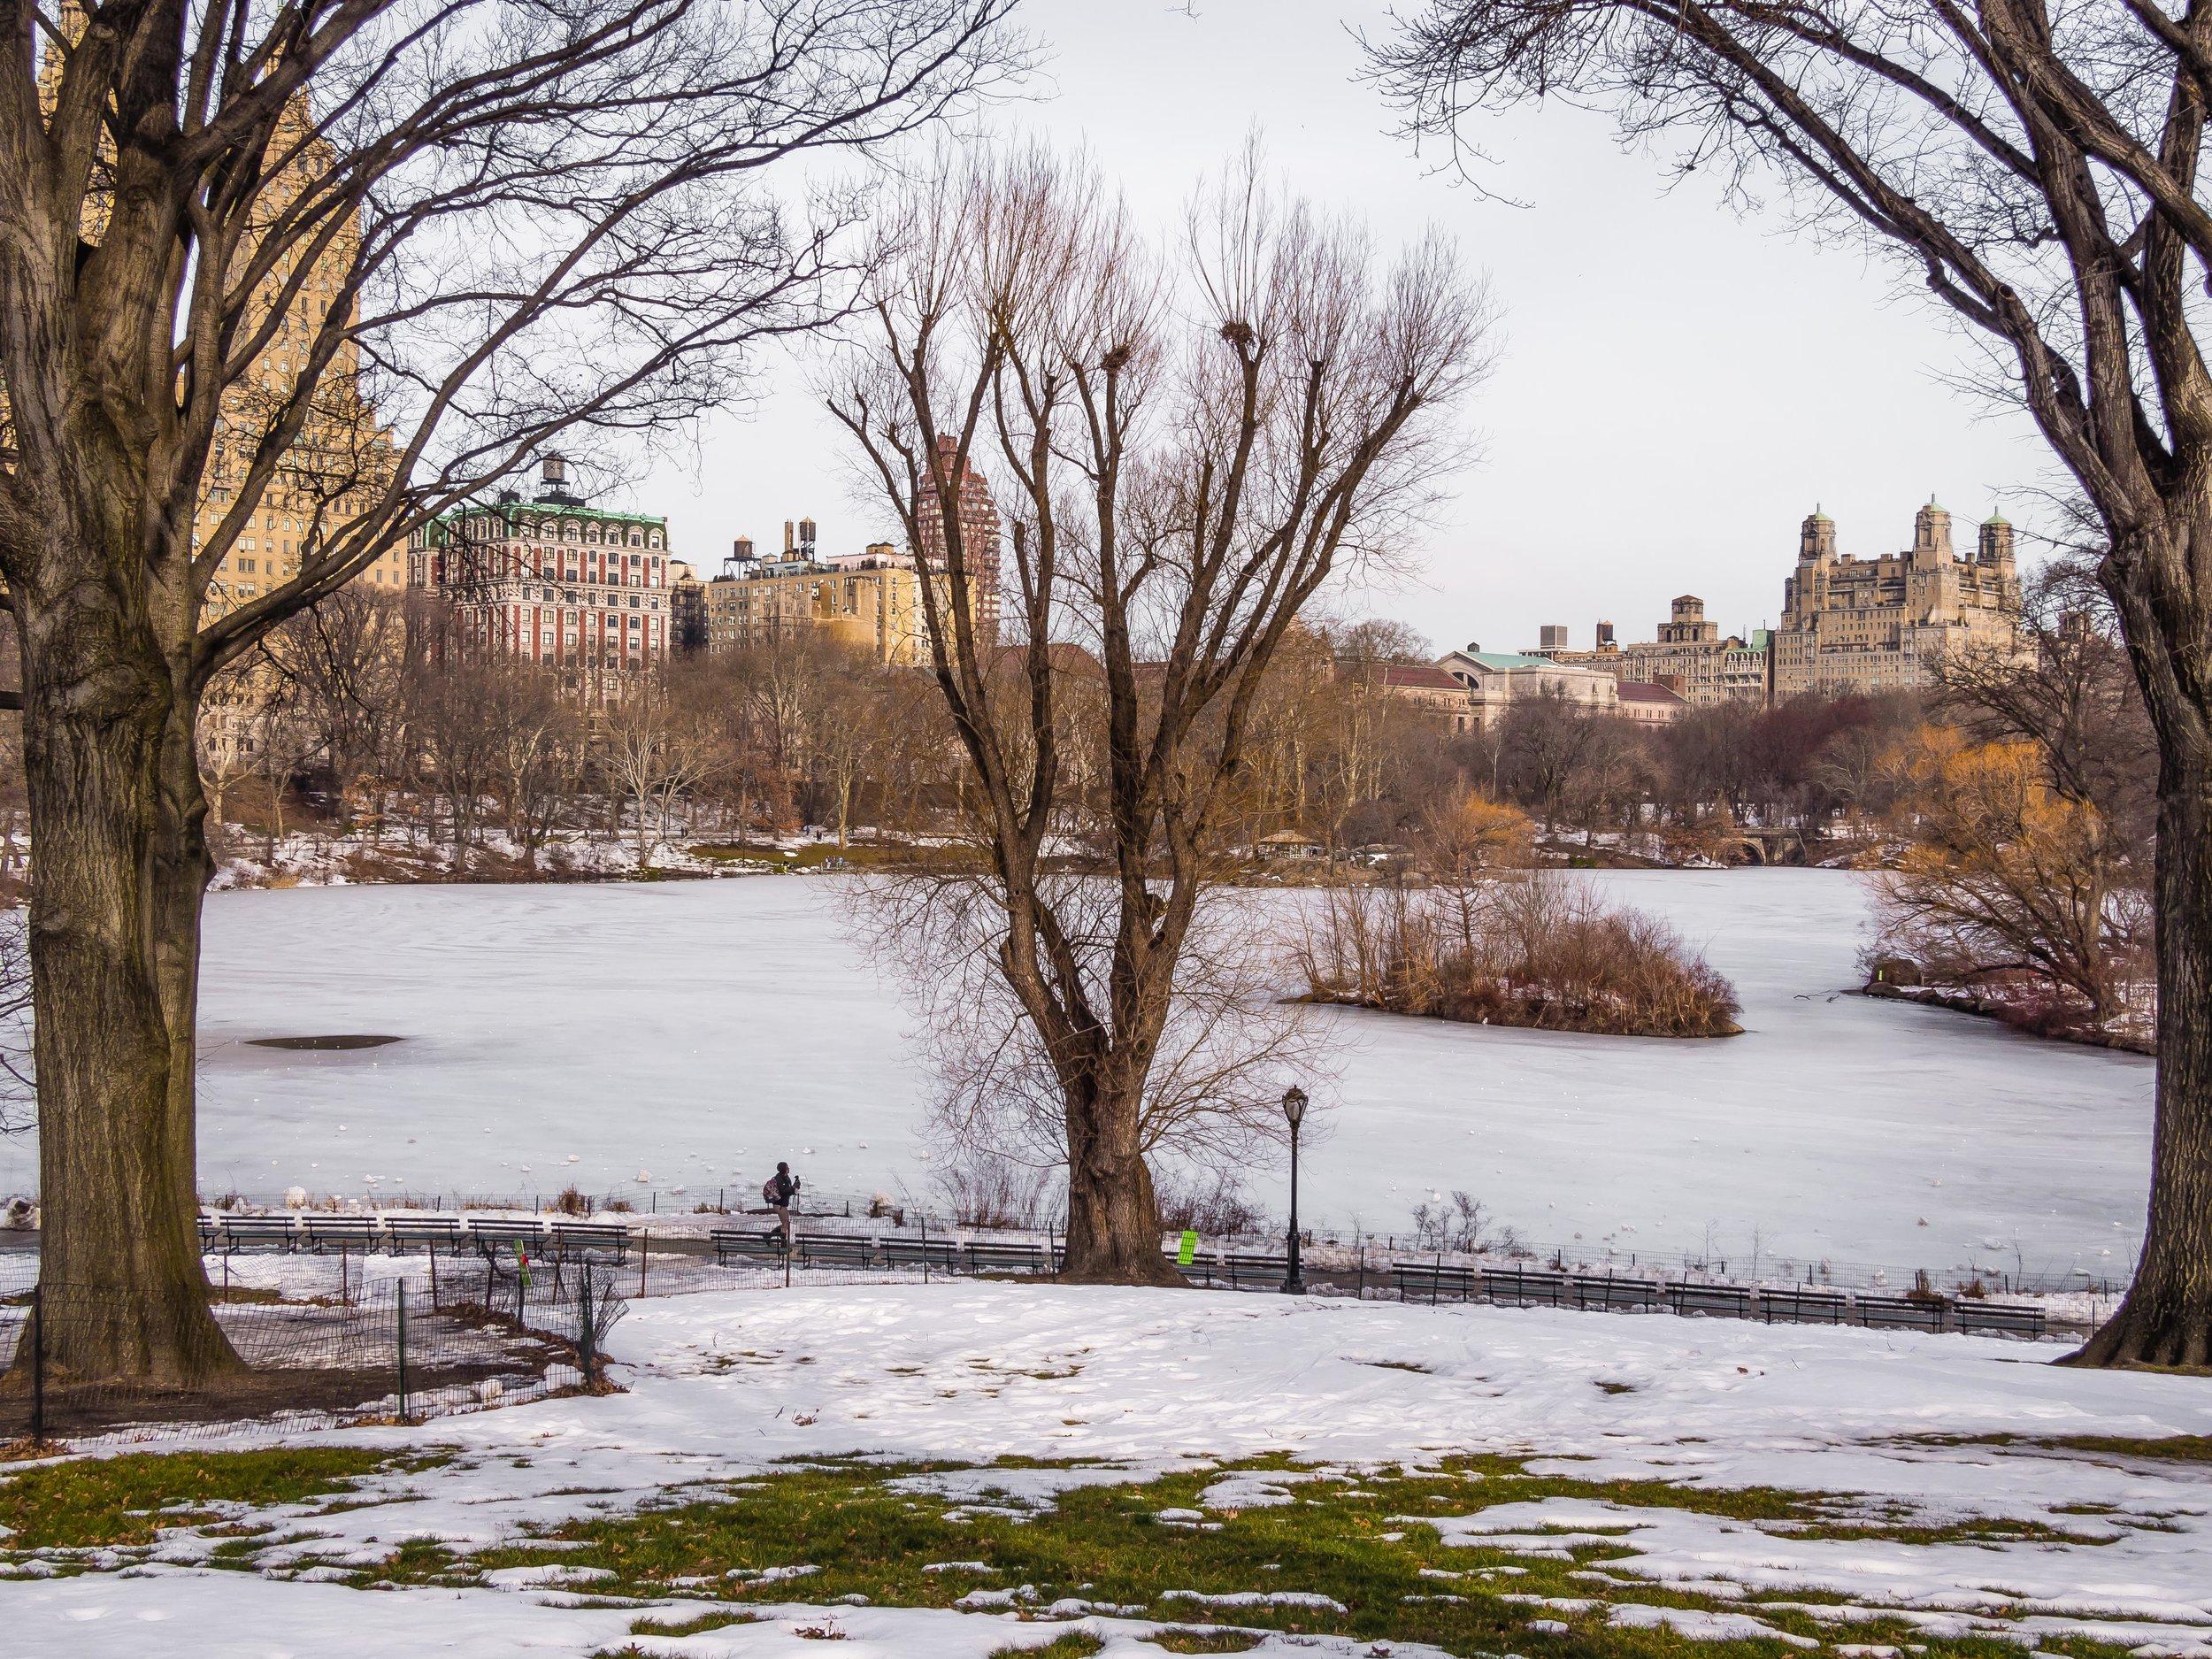 The Lake, January 2016